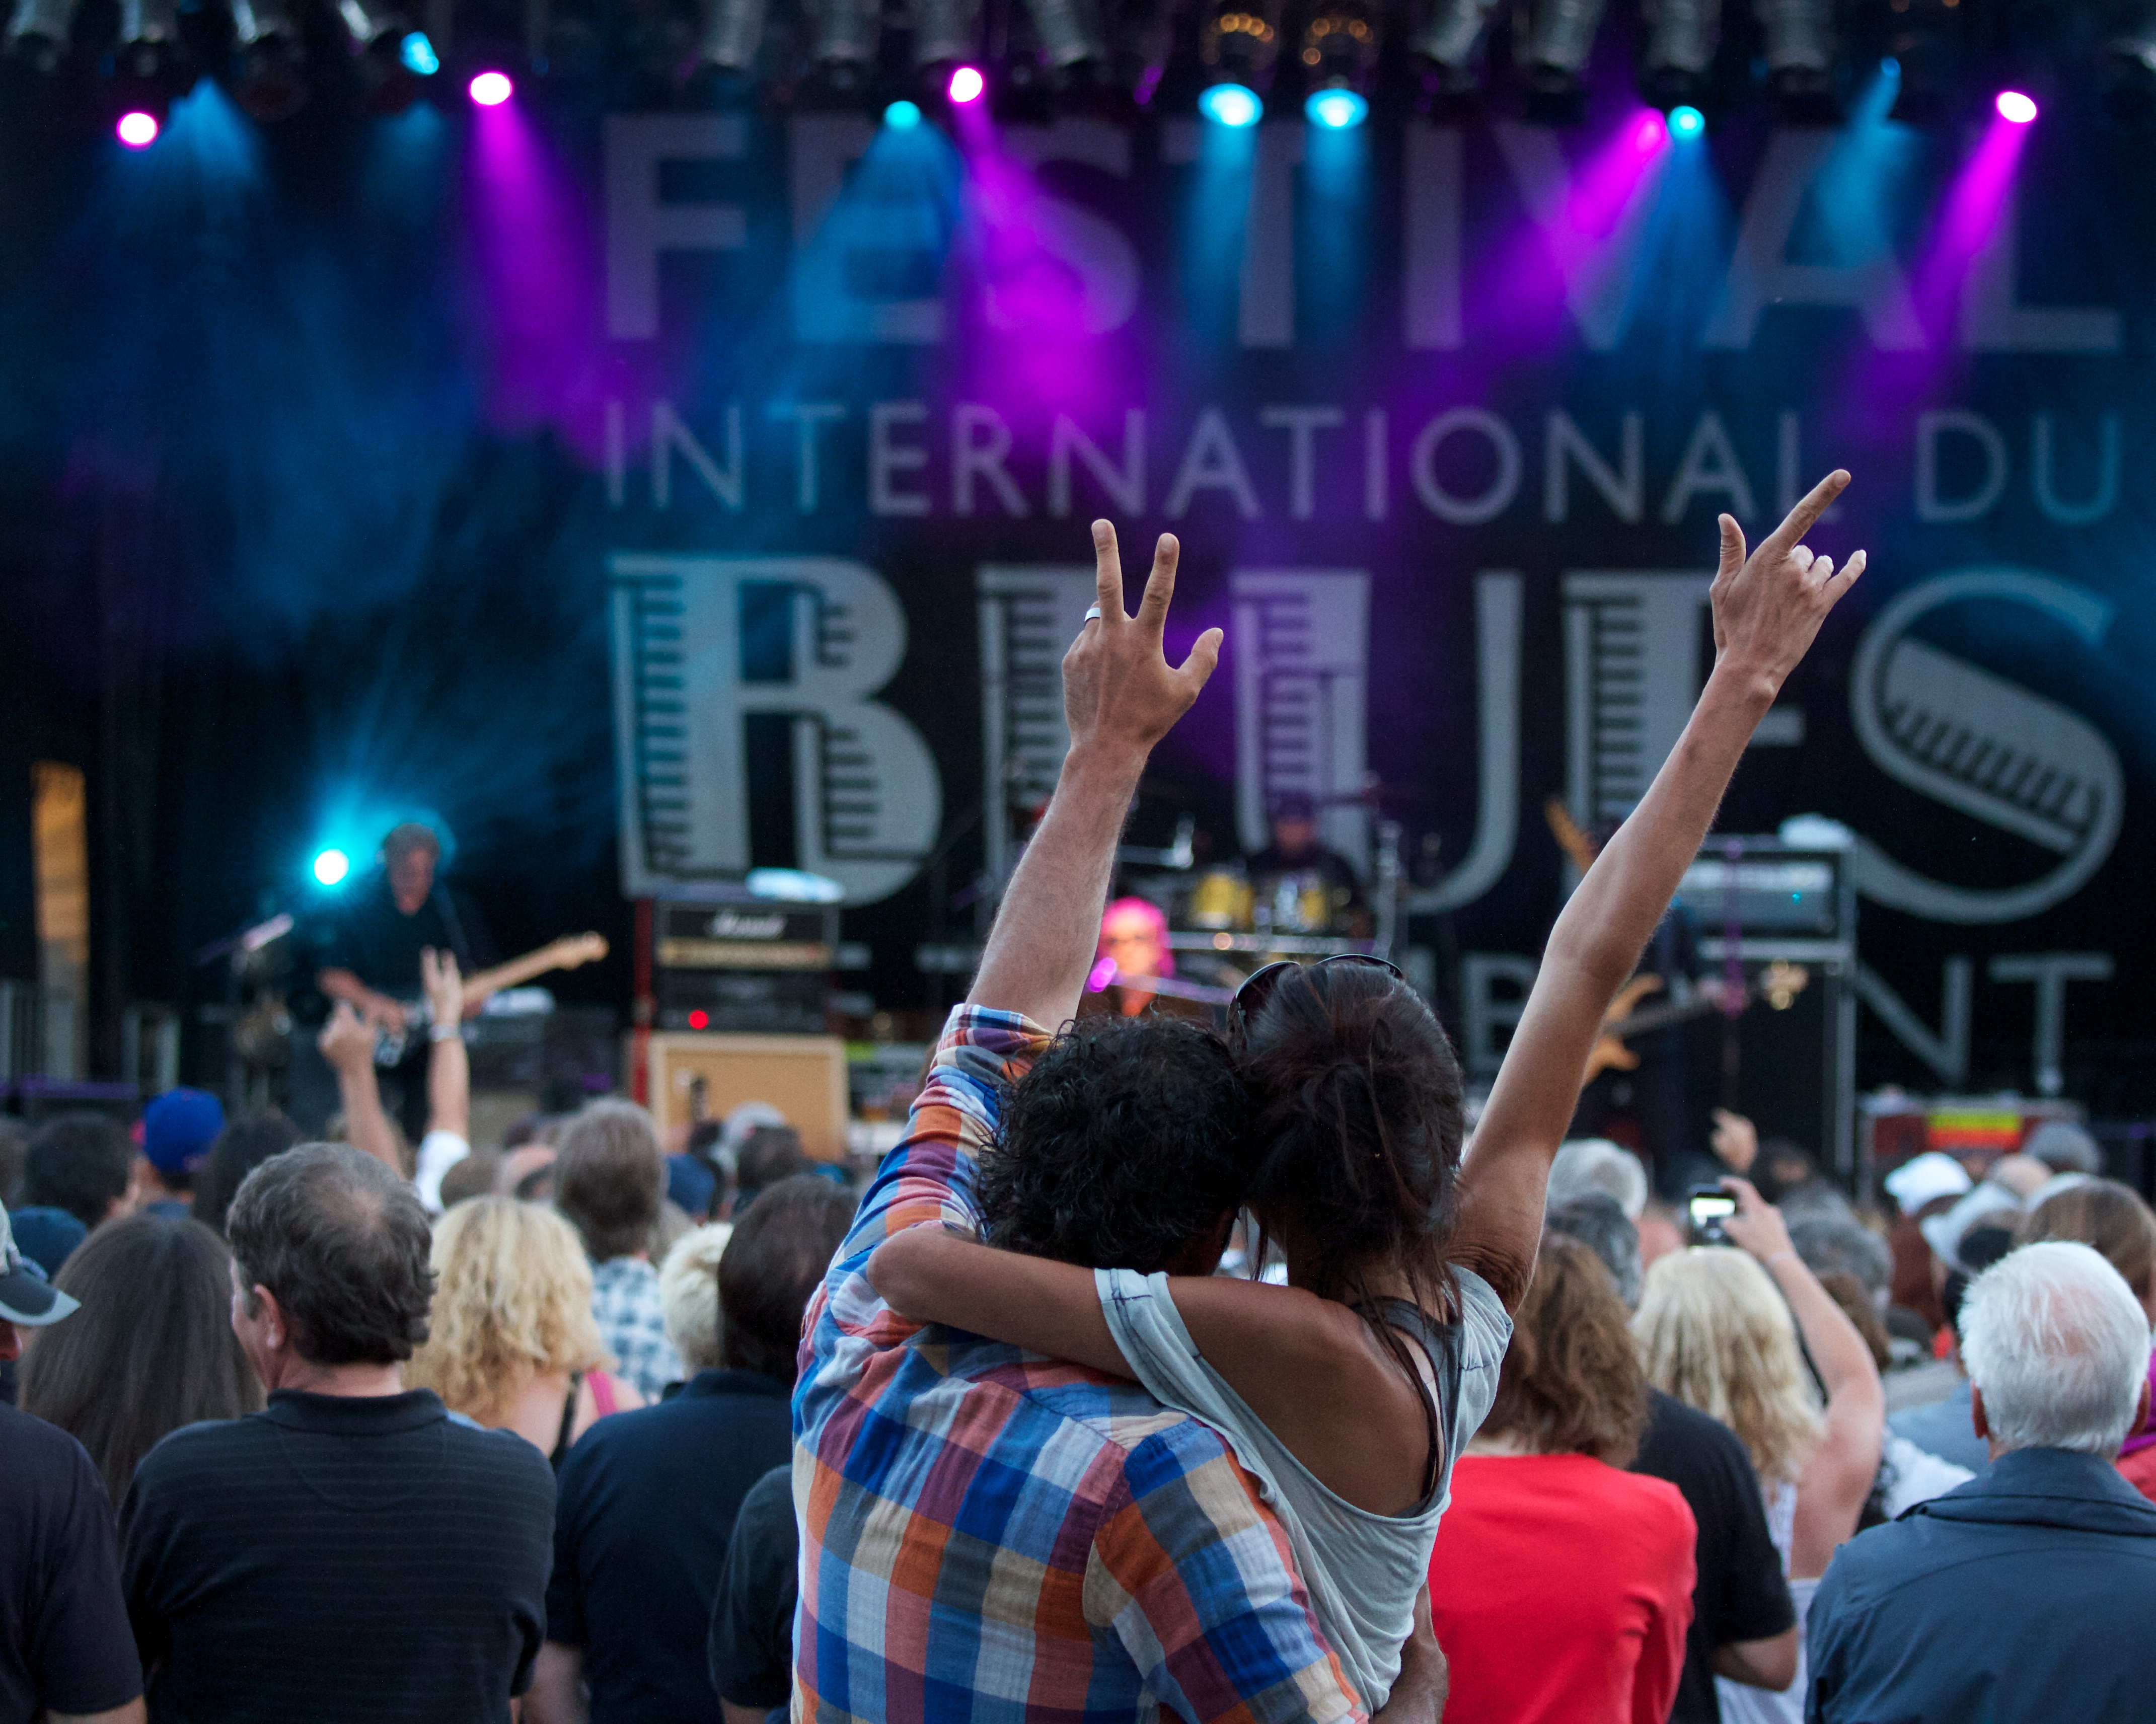 Le Festival de Blues de Tremblant : le blues sous toutes ses formes